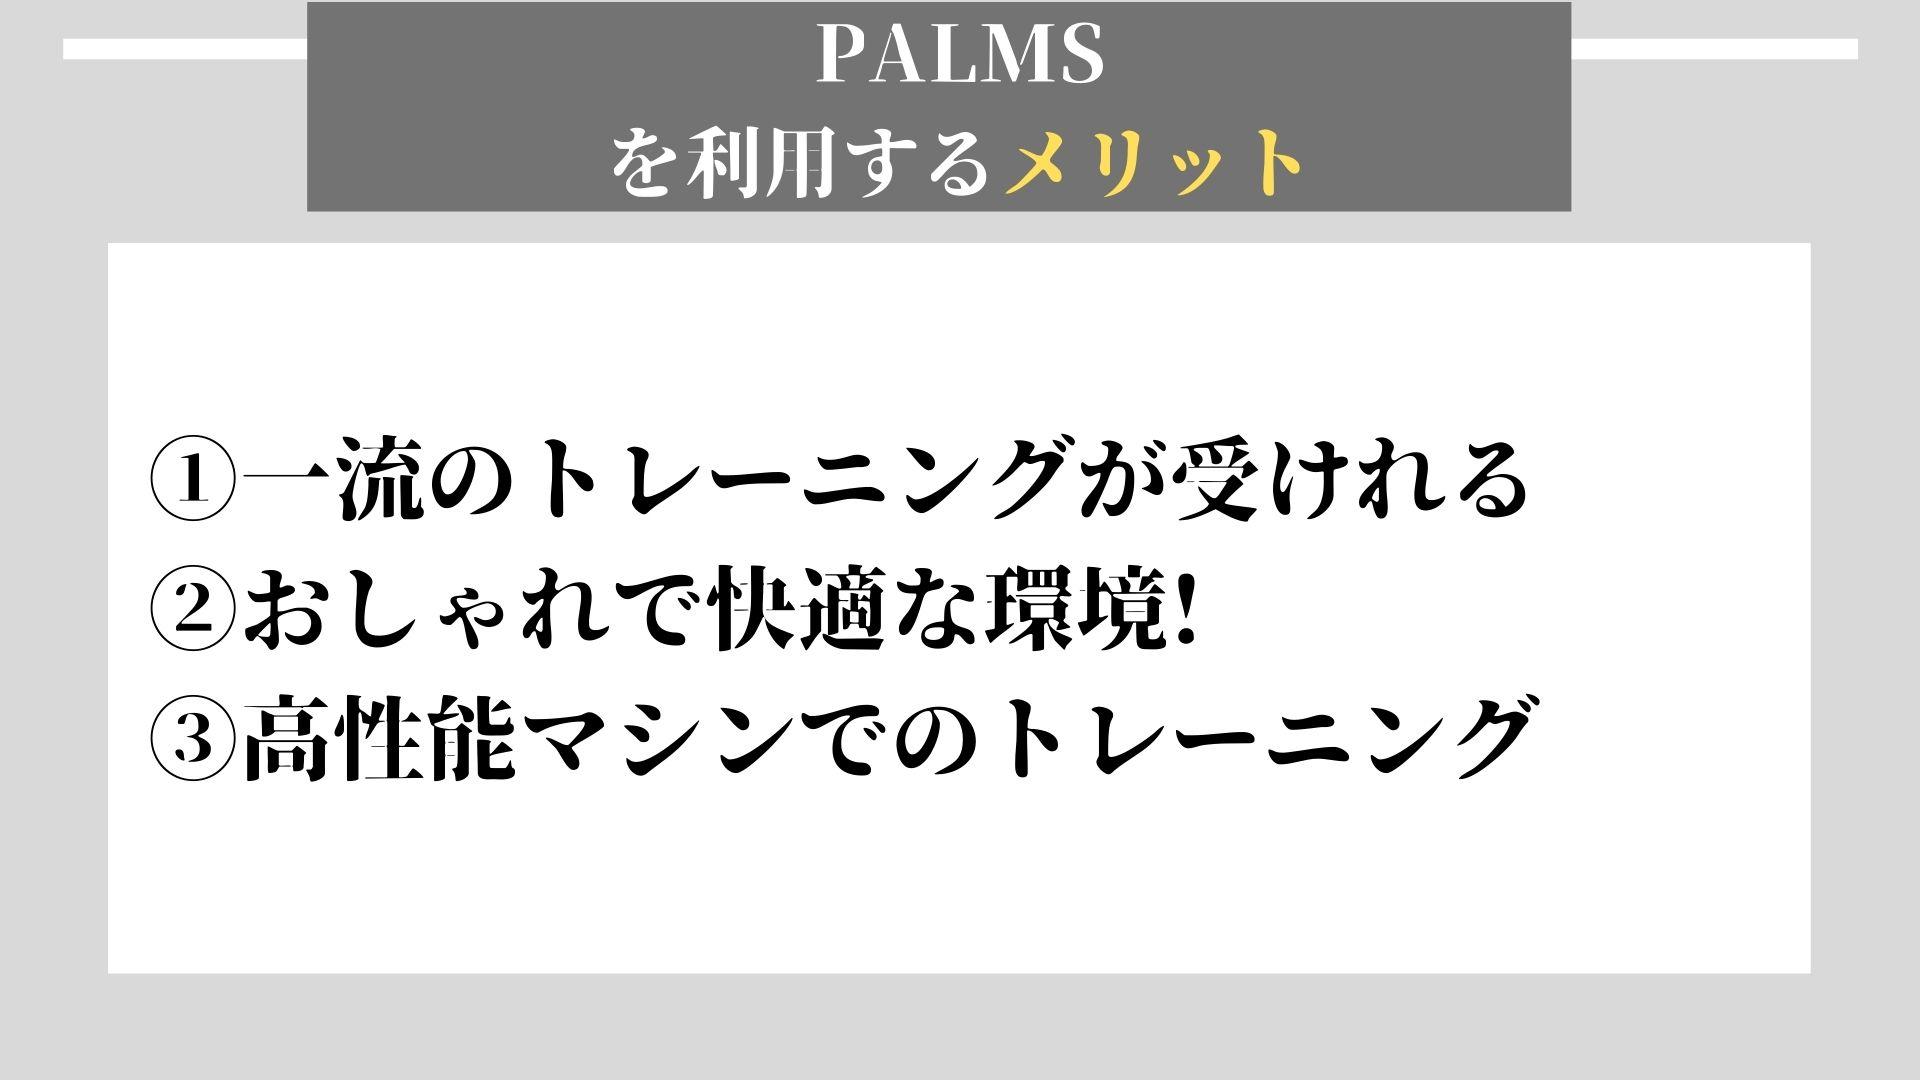 PALMS メリット